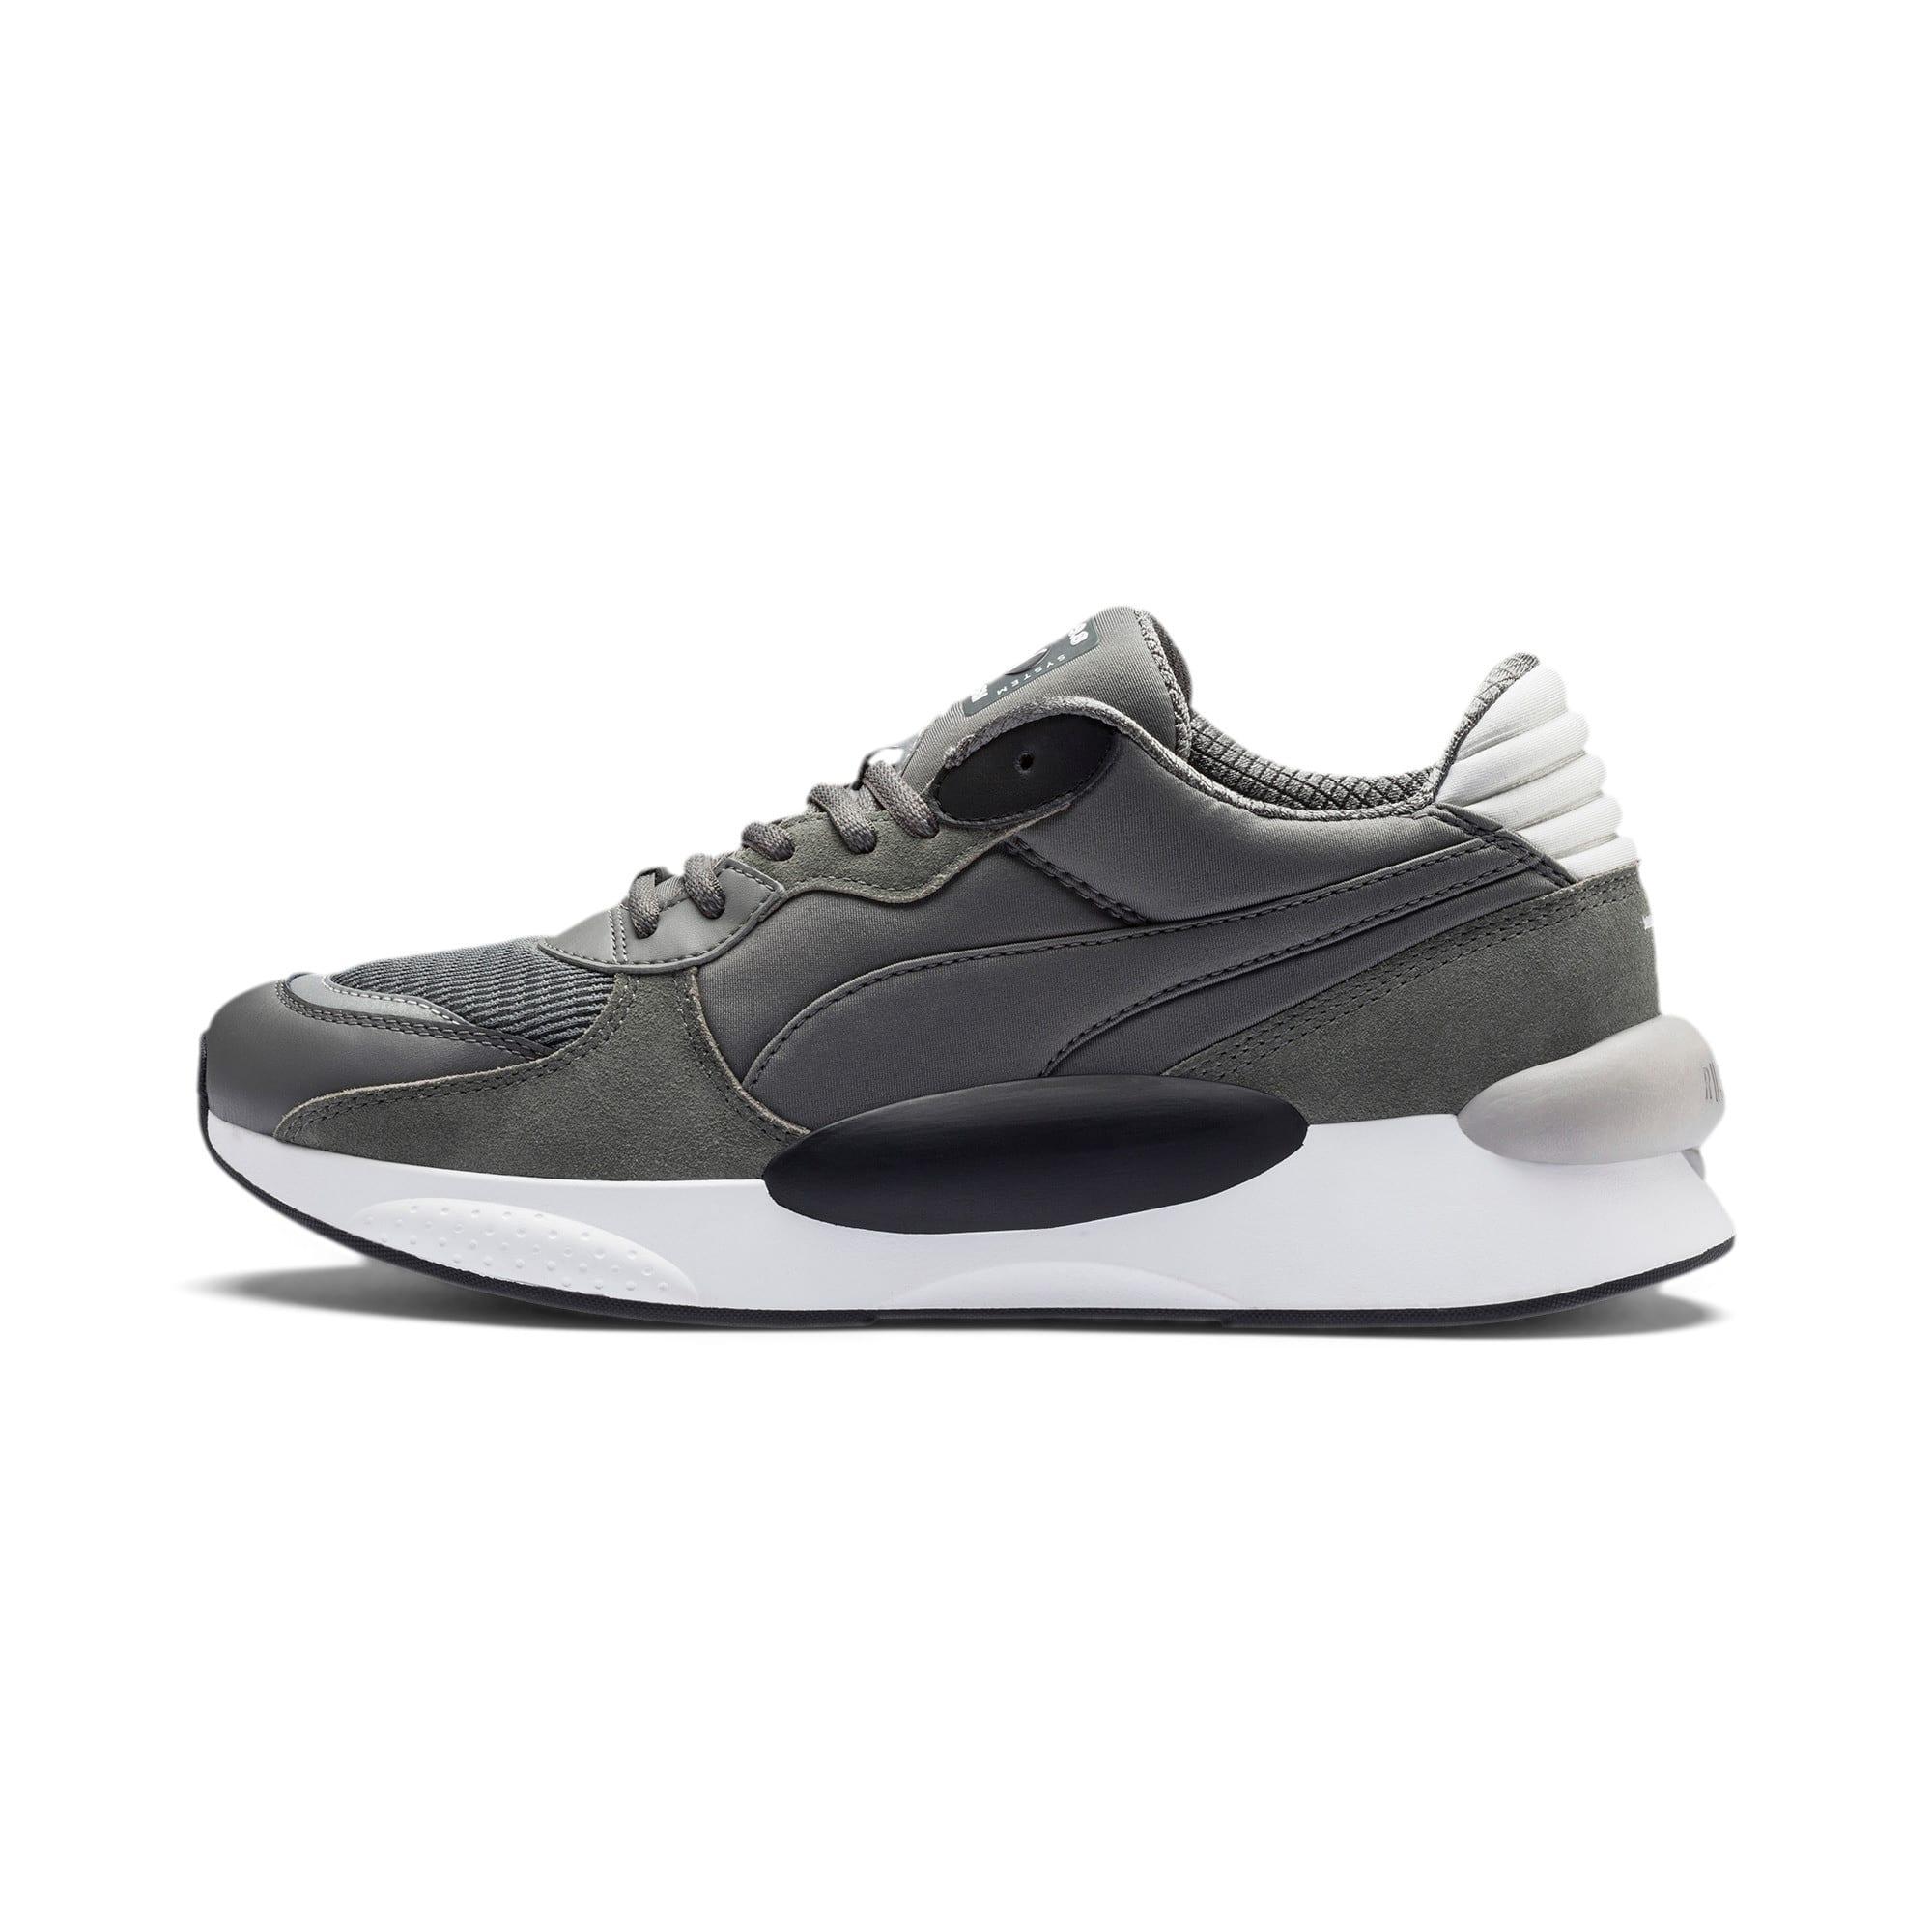 Miniatura 1 de Zapatos deportivos RS 9.8 Gravity , CASTLEROCK-Puma Black, mediano